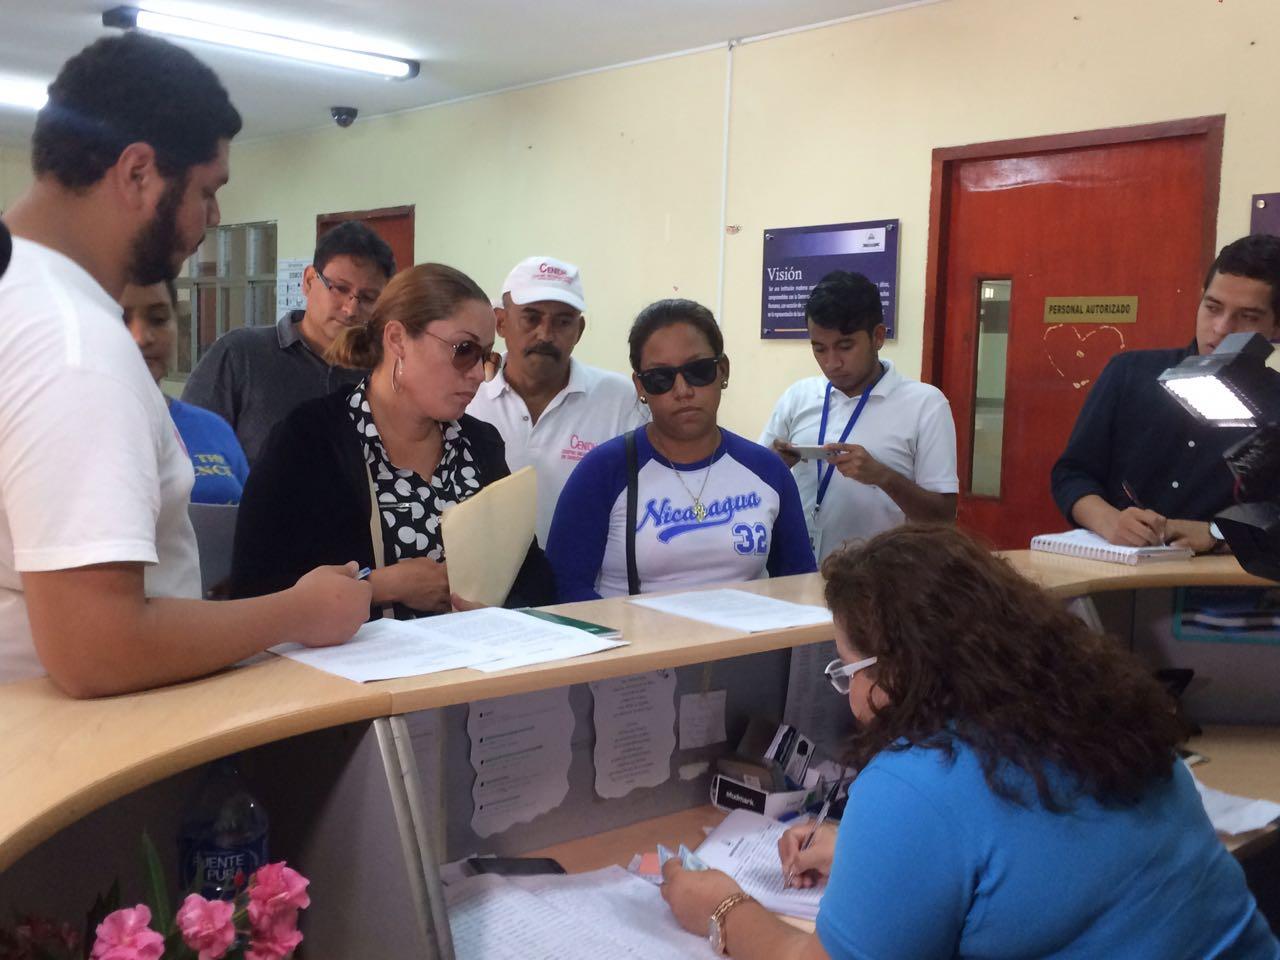 Llueven denuncias en la Fiscalía General de Nicaragua contra Gobierno de Daniel Ortega. Foto: Vos TV